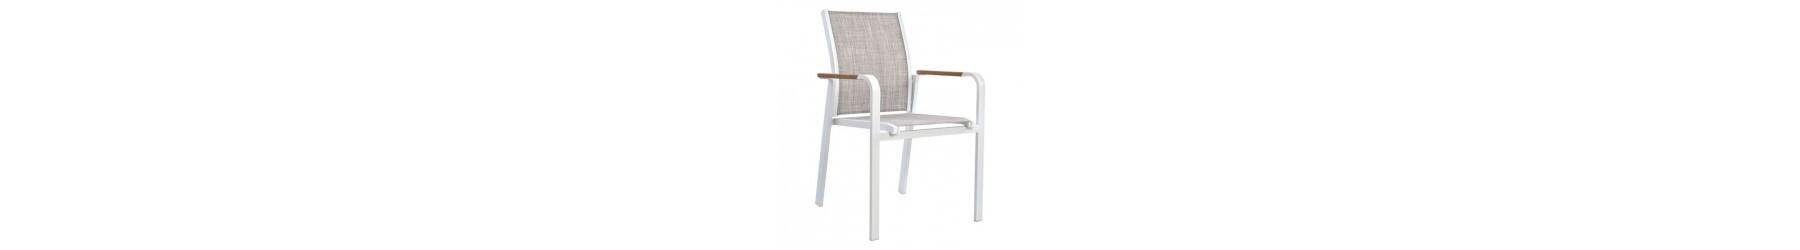 Καρέκλες κήπου και βεράντας από αλουμίνιο, για εξωτερικούς χώρους